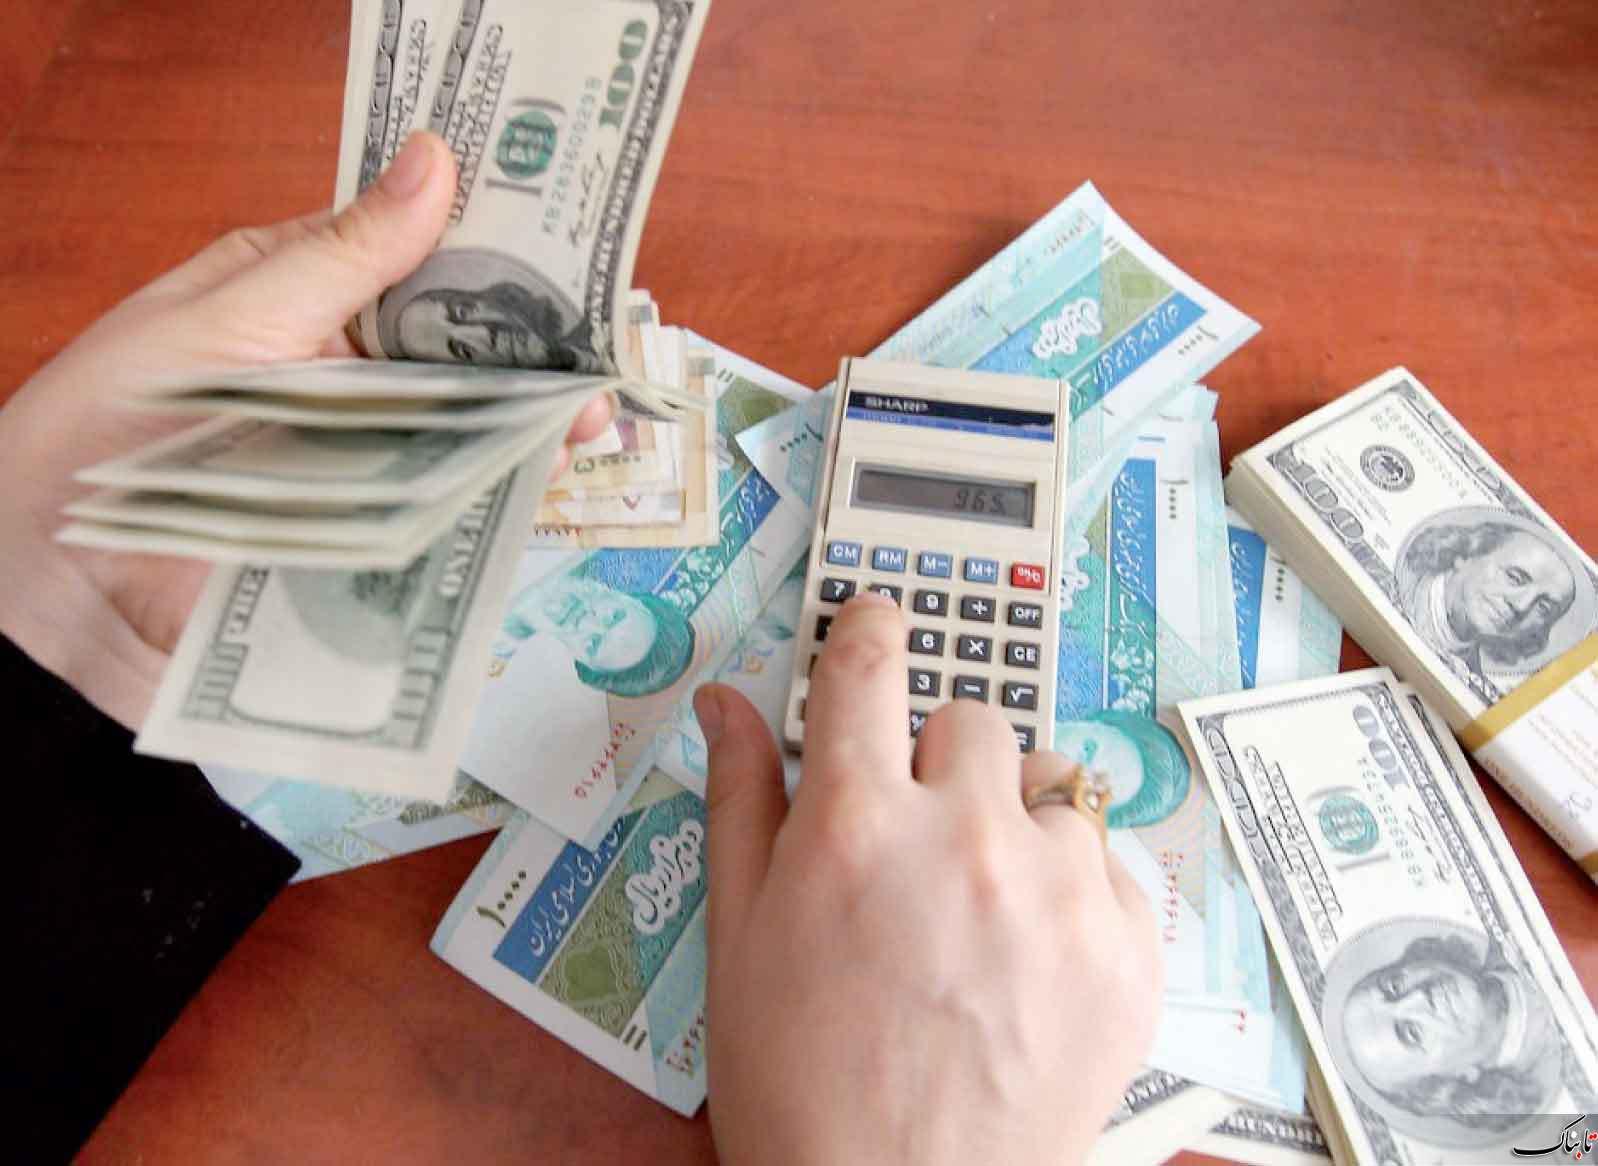 قیمت دلار و یورو در بازار امروز شنبه ۲۵ مرداد ۹۹/ دلار در این صرافیها بدون تغییر نرخ